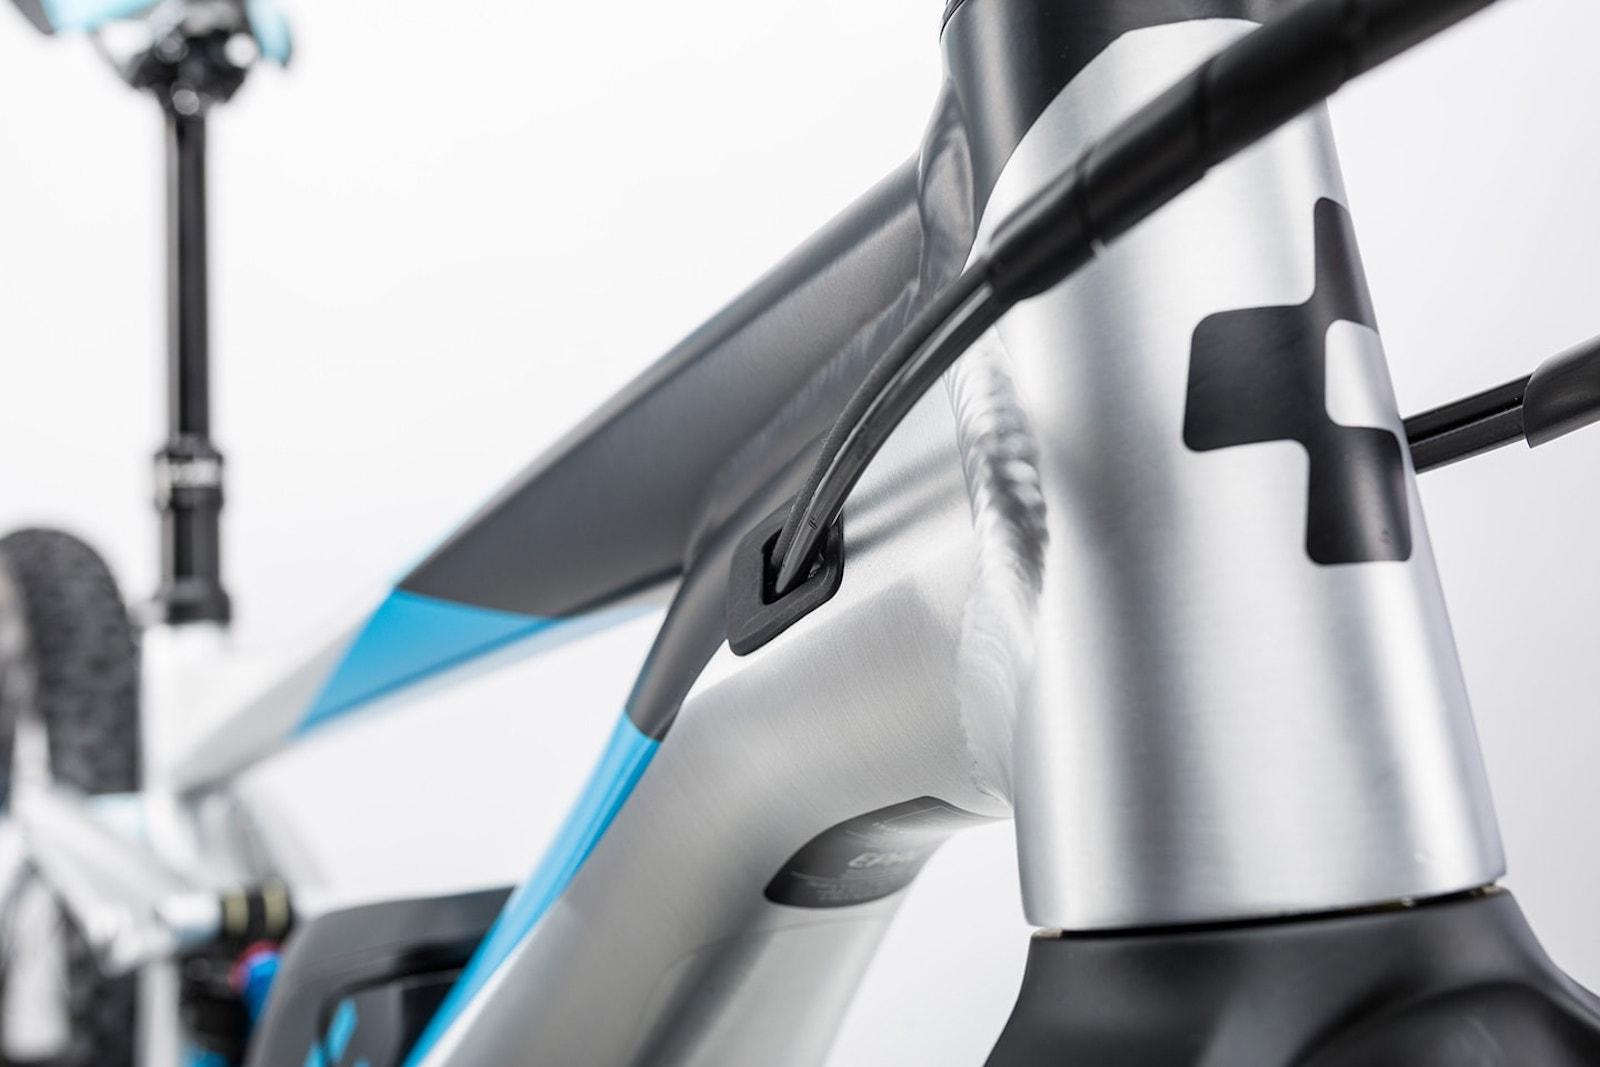 vtt-electrique-cube-stereo-hybrid-160-race-hpa-vente-location-les-roues-de-lilou-05